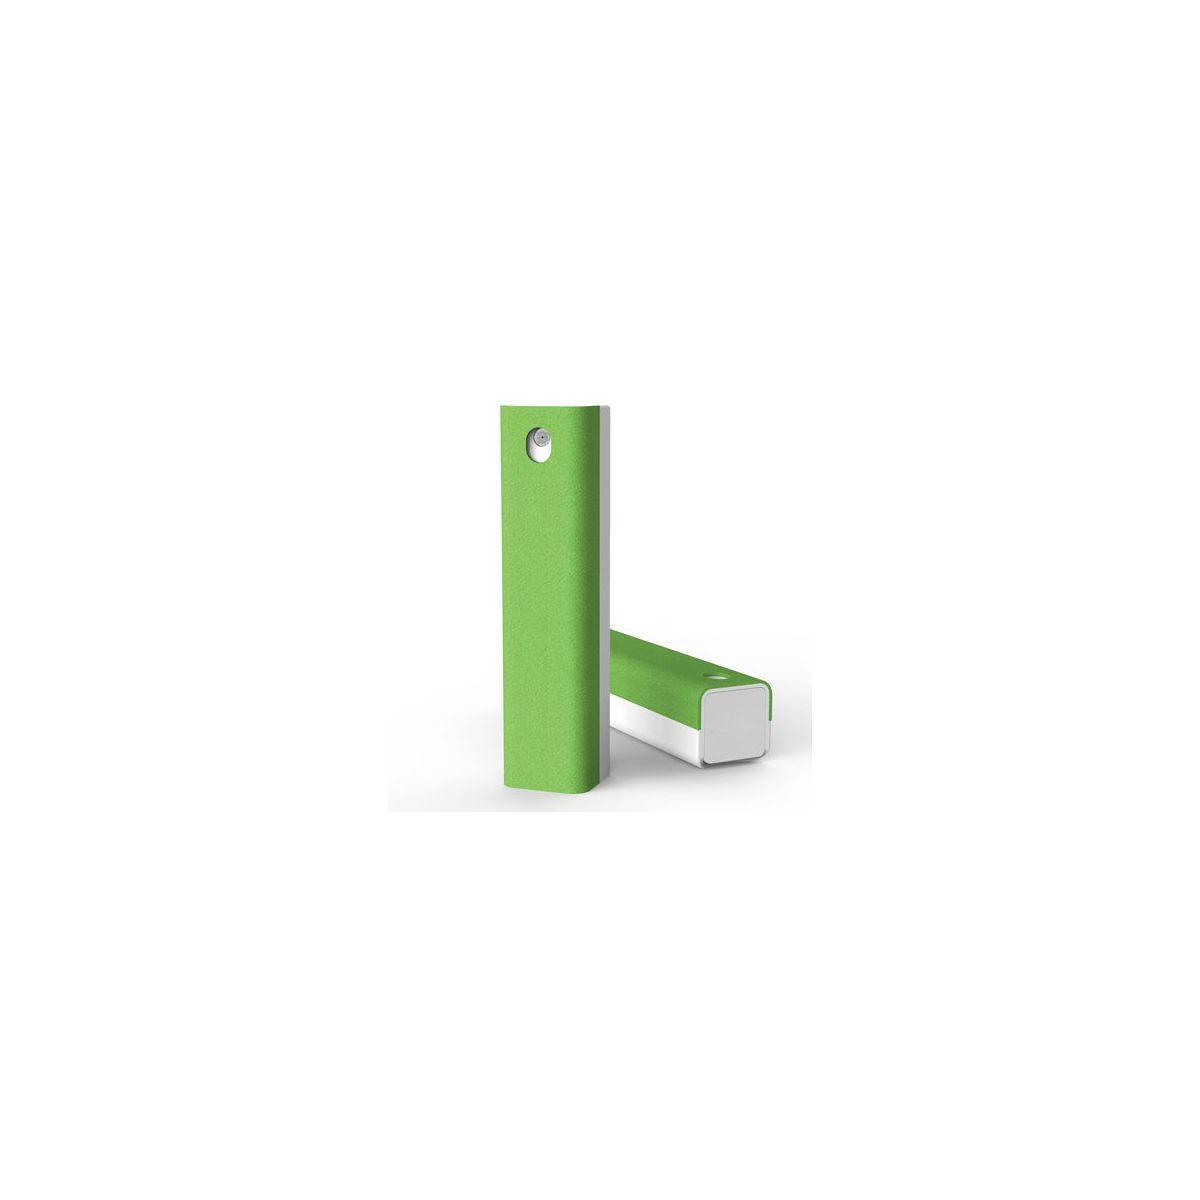 Muvit nettoyant ecran tout en un vert - 2% de remise imm�diate avec le code : deal2 (photo)